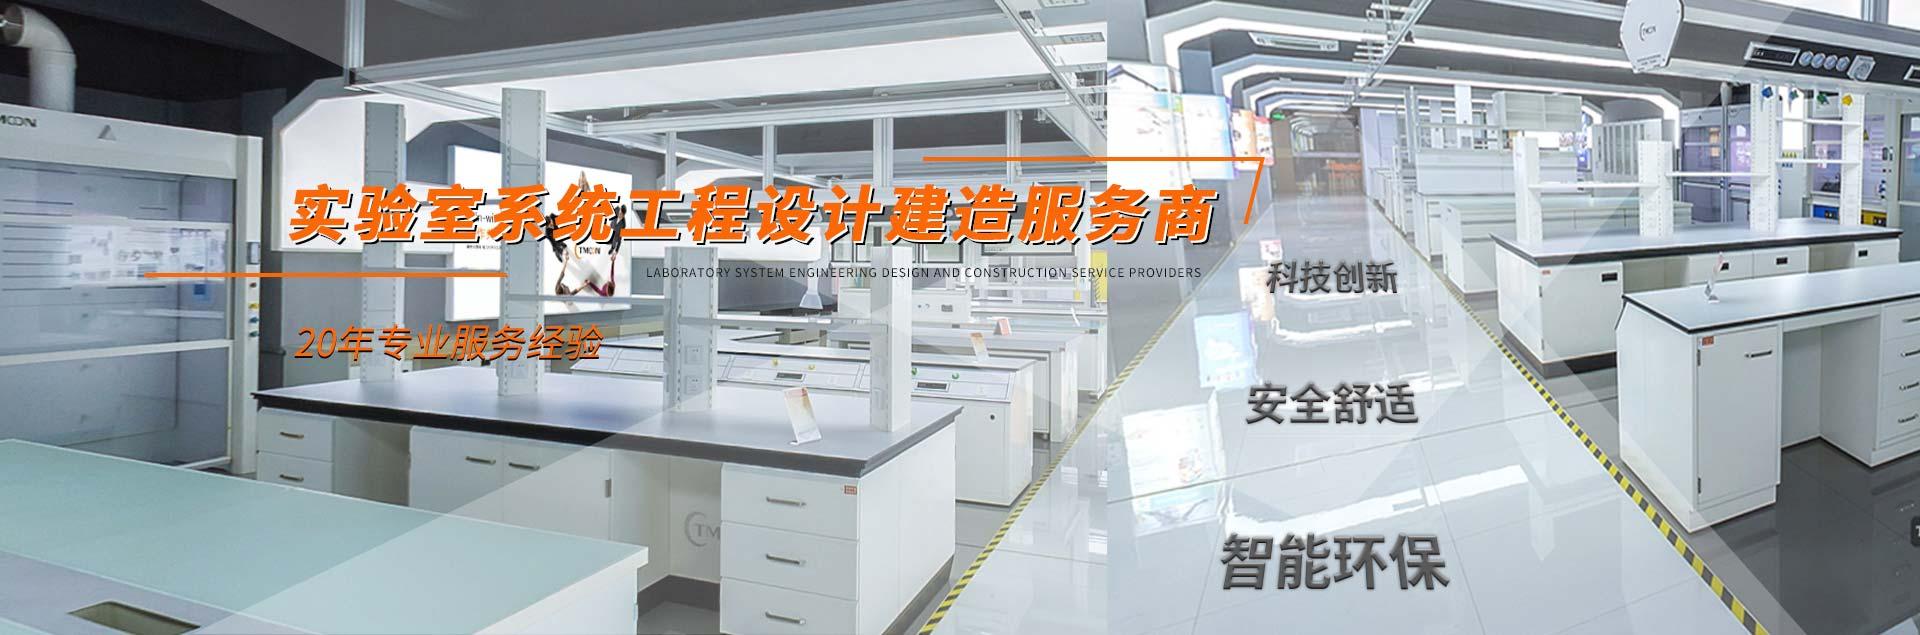 易胜博备用网址系统工程设计建造服务商